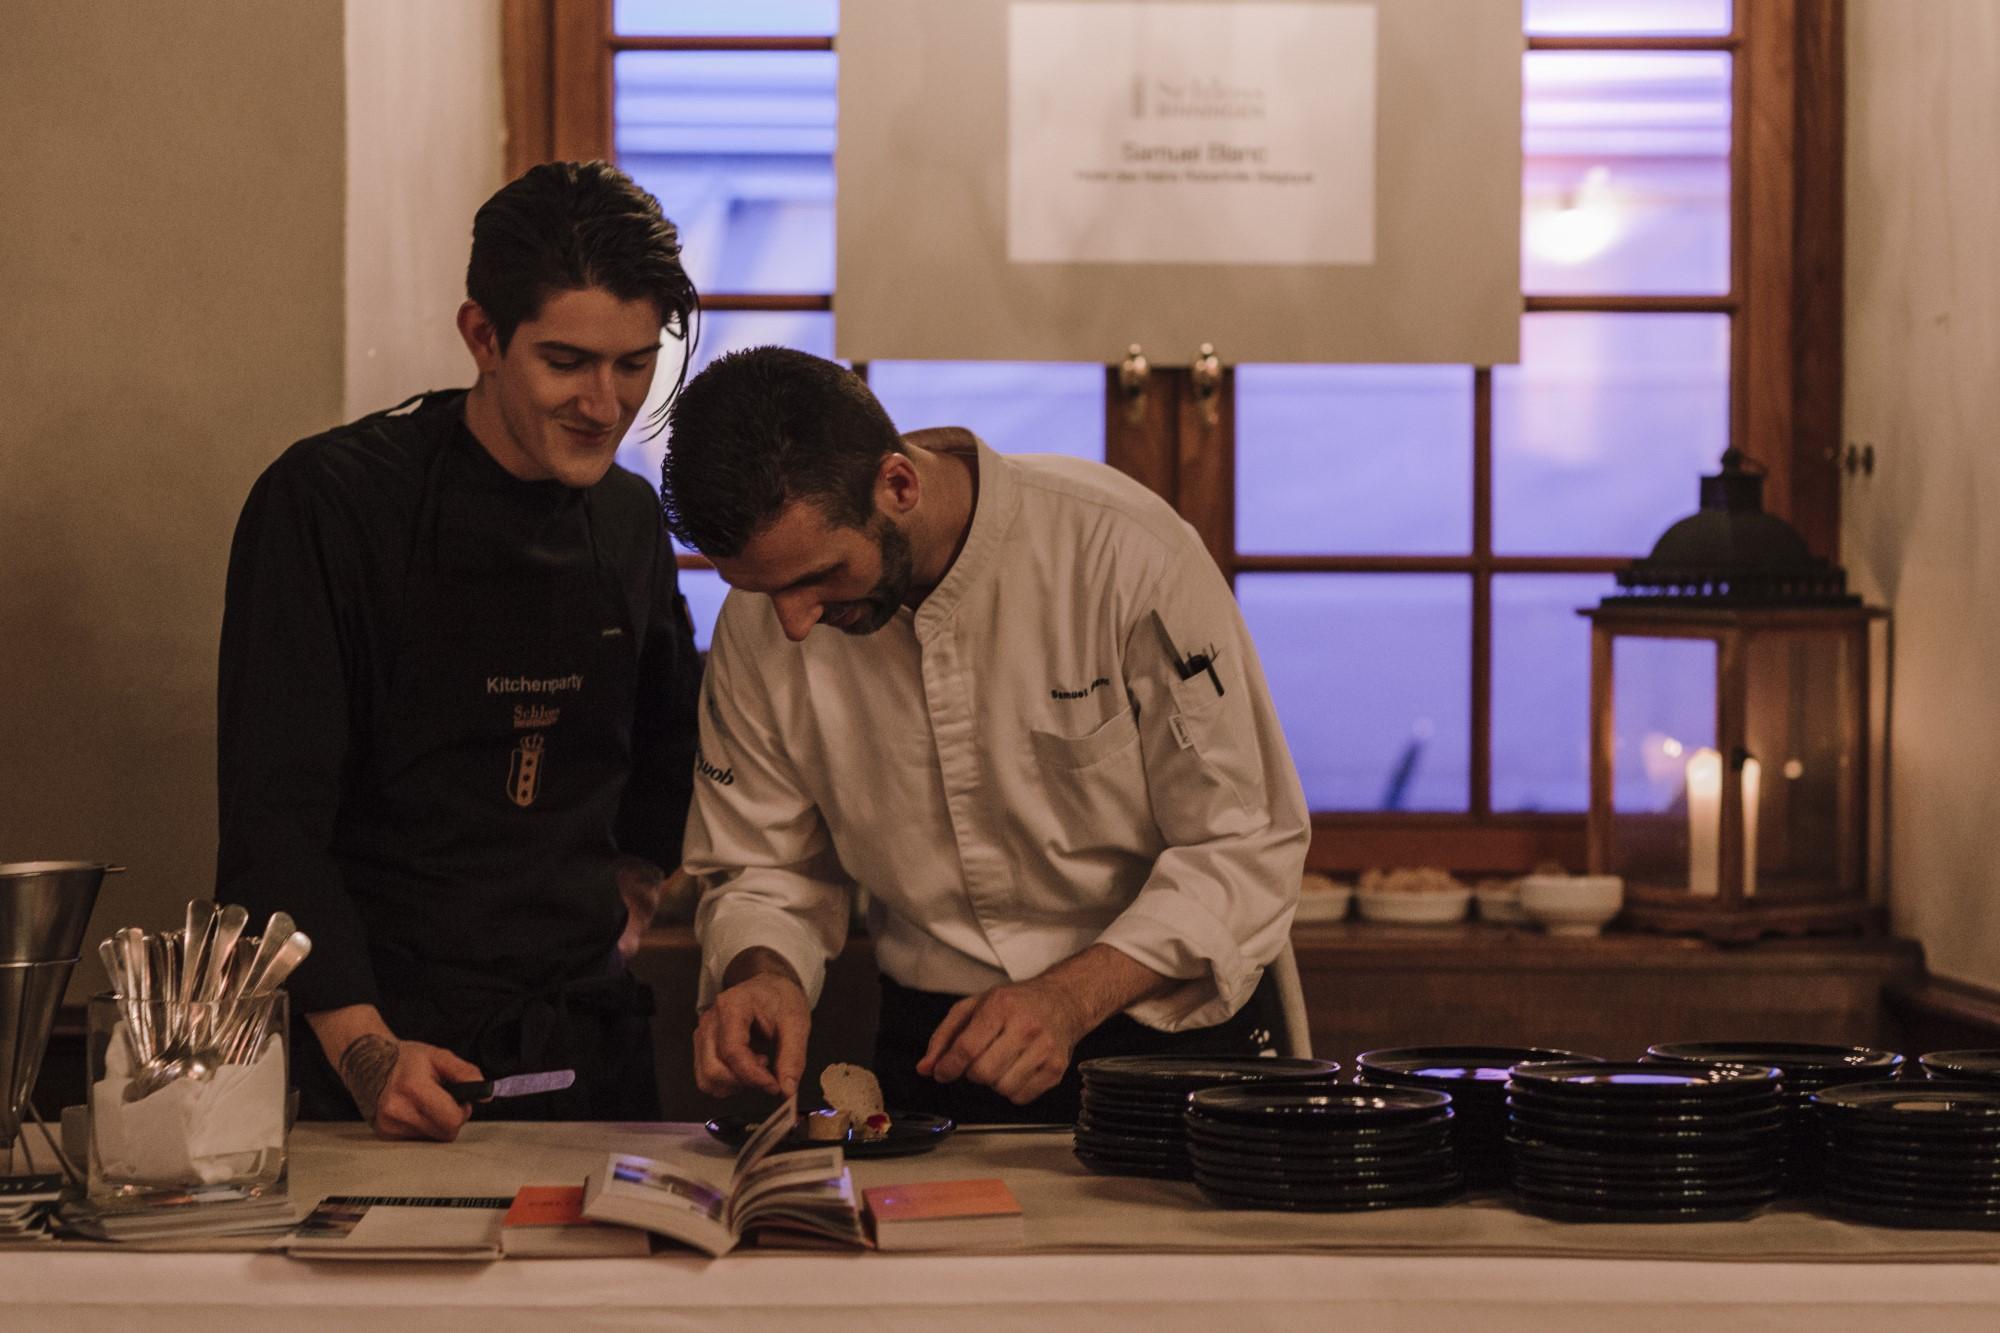 Samuel Blanc bei der Kitchen Party